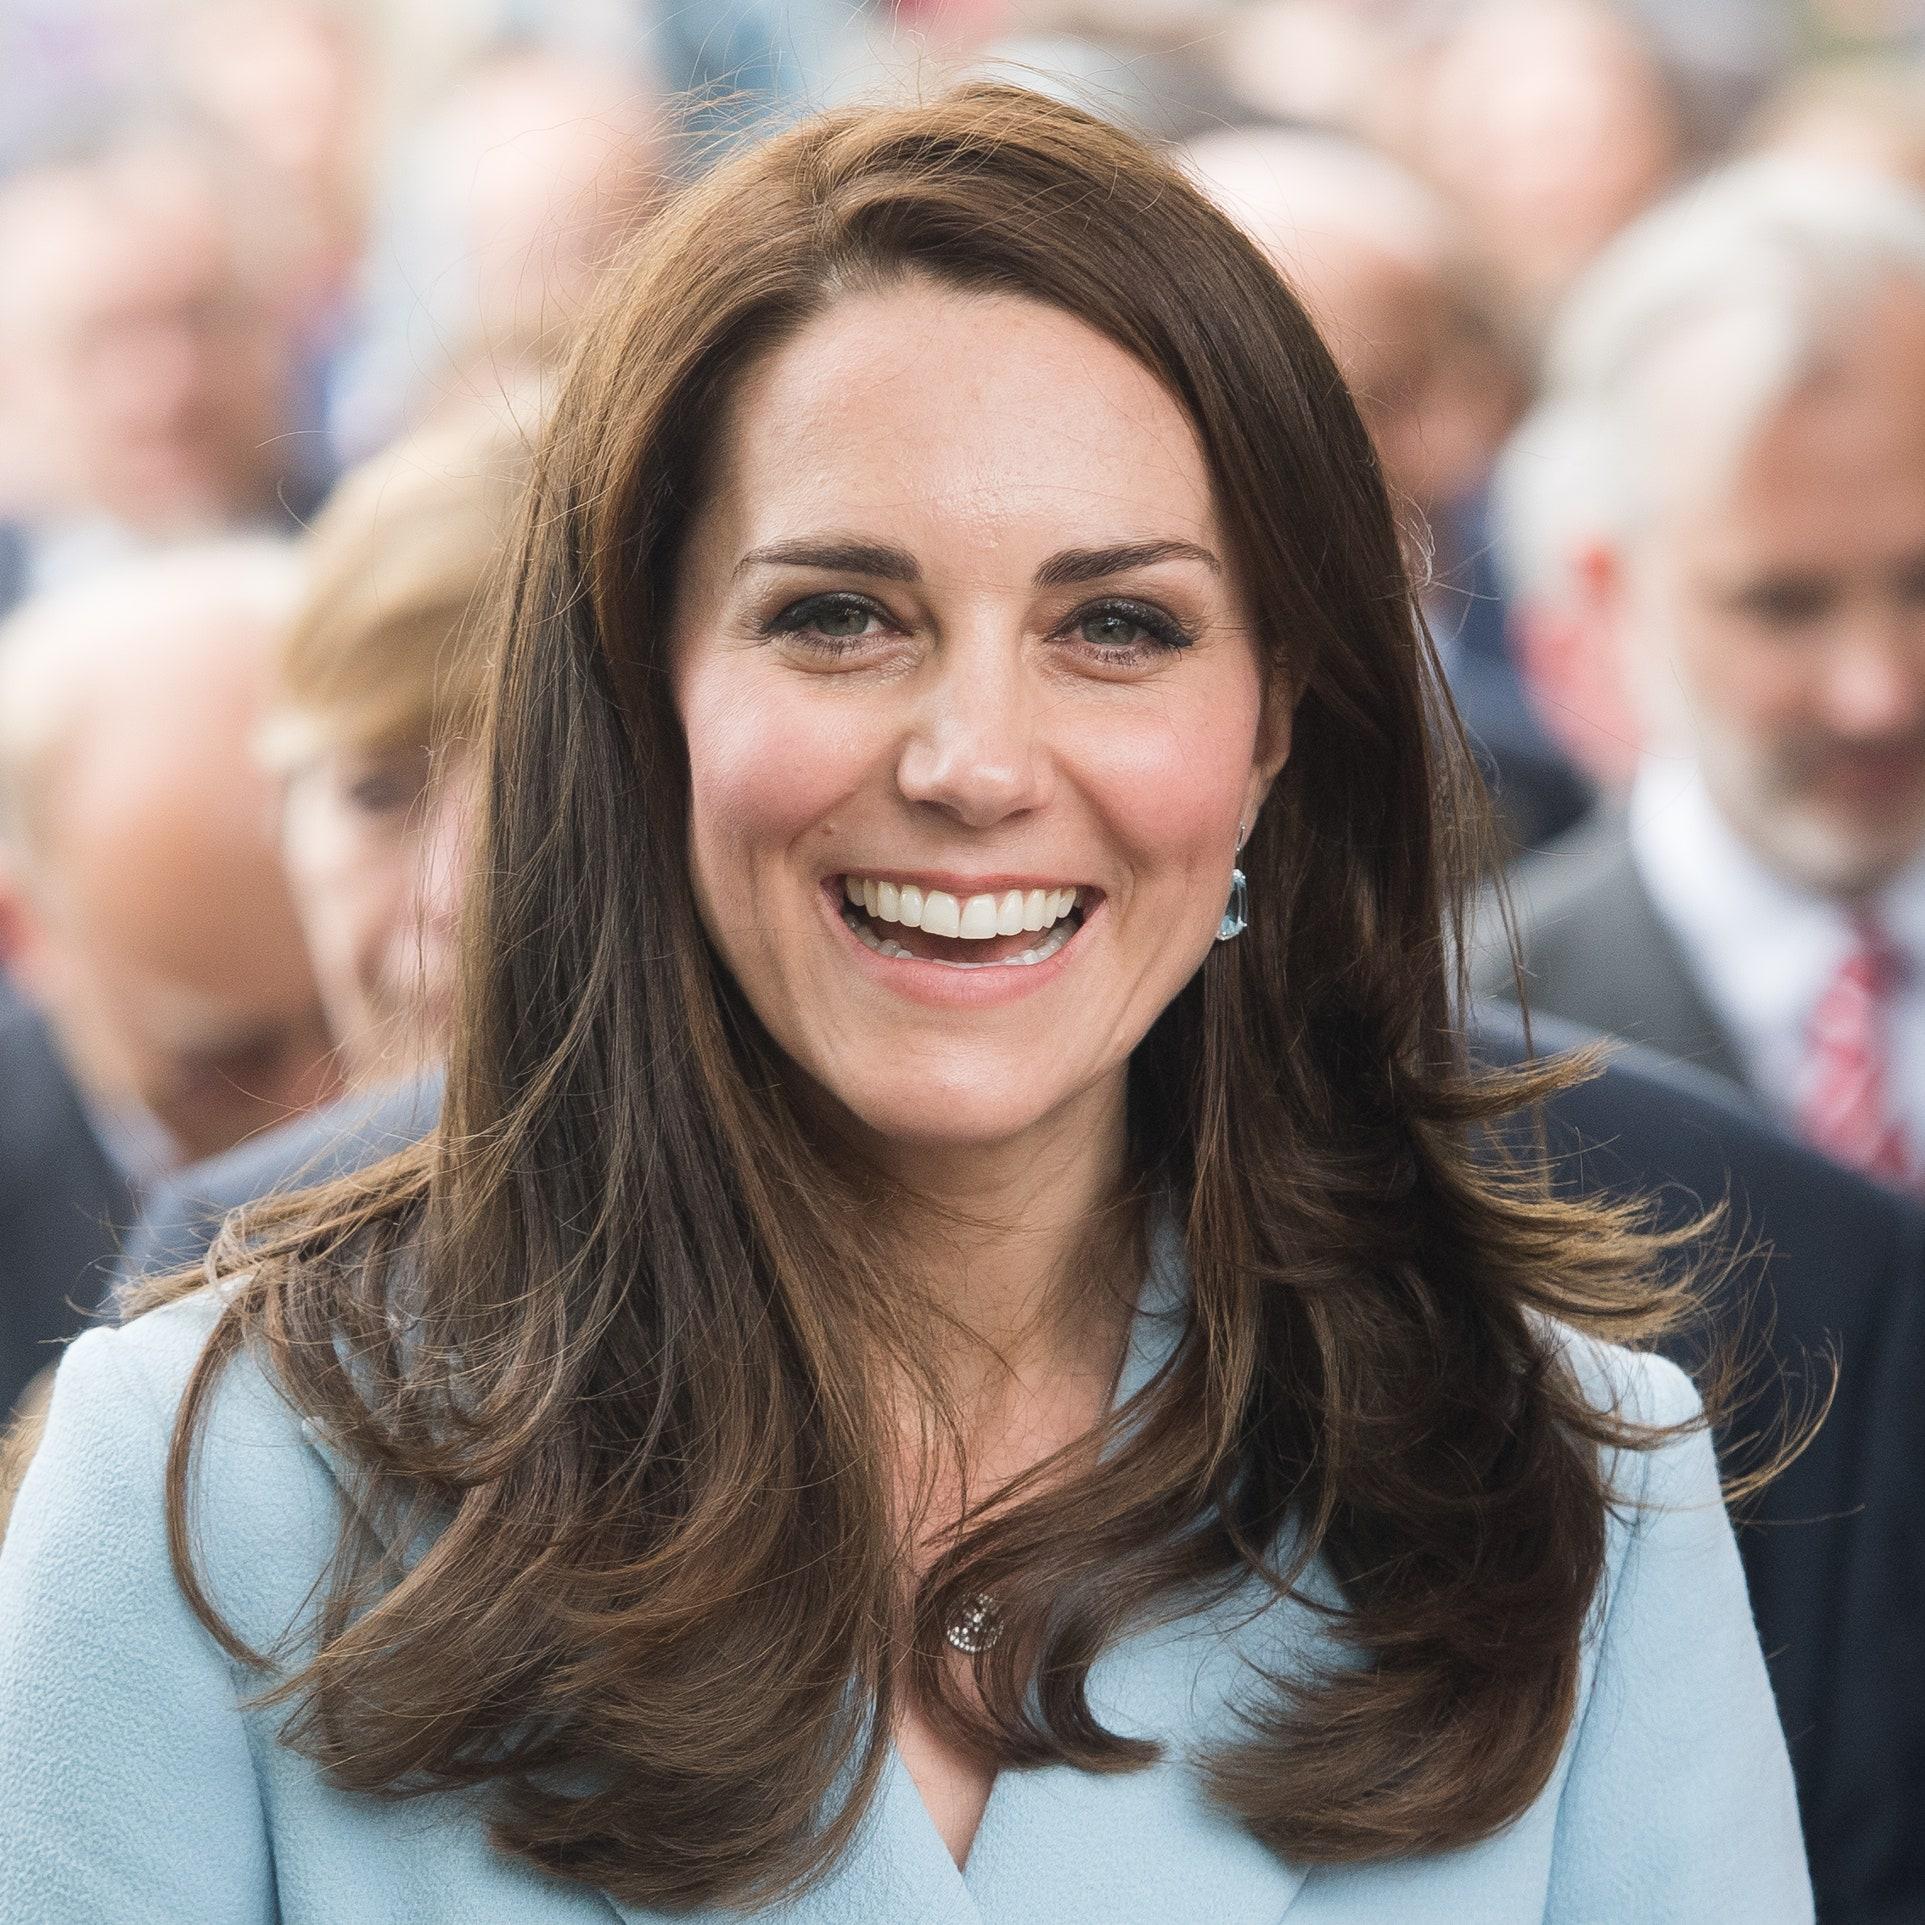 Mặc kệ Meghan Markle cố chiếm spotlight, Công nương Kate vẫn khiến dân tình ngưỡng mộ khi tự cắt tóc cho con trong thời đại dịch - Ảnh 2.